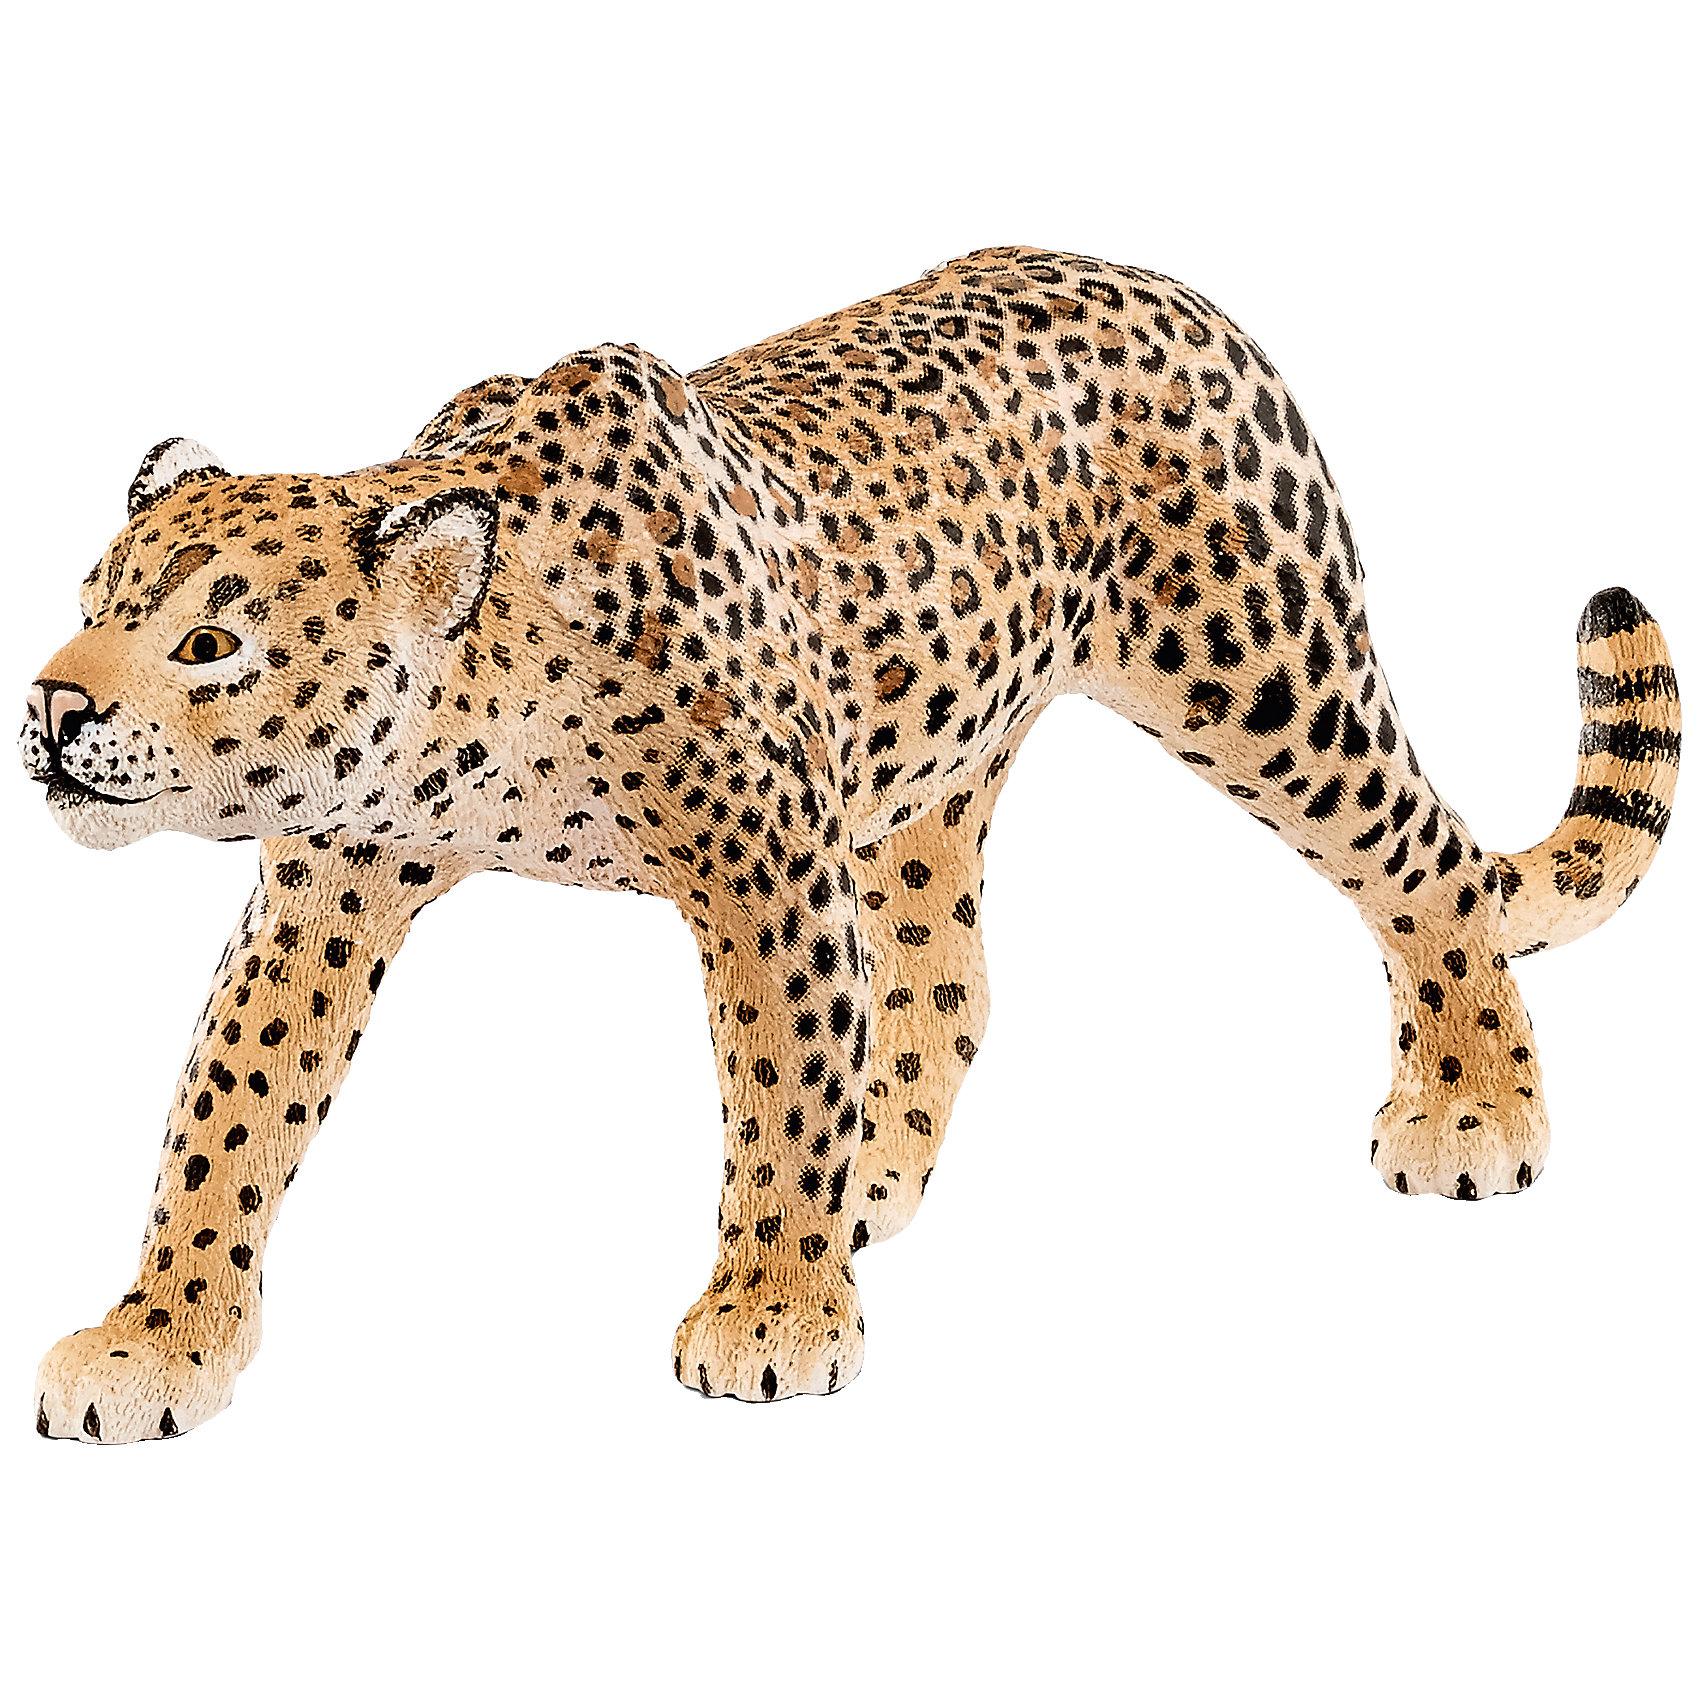 Леопард, SchleichВне категории - РМА<br>Леопард, Schleich – для всех любителей реалистичных фигурок.<br>Отличное дополнение в коллекцию. Красивые качественные фигурки в точности повторяют настоящих животных. Сделаны они из безопасного и не токсичного материала, который не вызывает аллергию. Краски не тускнеют и не стираются от длительной и активной игры. Грозный хищник леопард однозначно порадует вашего ребенка.<br><br>Дополнительная информация:<br><br>- возраст: от 3 лет<br>- материал: каучук, пластик<br>- размер: 12 х 2.5 х 5 см<br>- страна: Германия<br><br>Леопард, Schleich можно купить в нашем интернет магазине.<br><br>Ширина мм: 119<br>Глубина мм: 60<br>Высота мм: 32<br>Вес г: 43<br>Возраст от месяцев: 36<br>Возраст до месяцев: 96<br>Пол: Унисекс<br>Возраст: Детский<br>SKU: 4662505